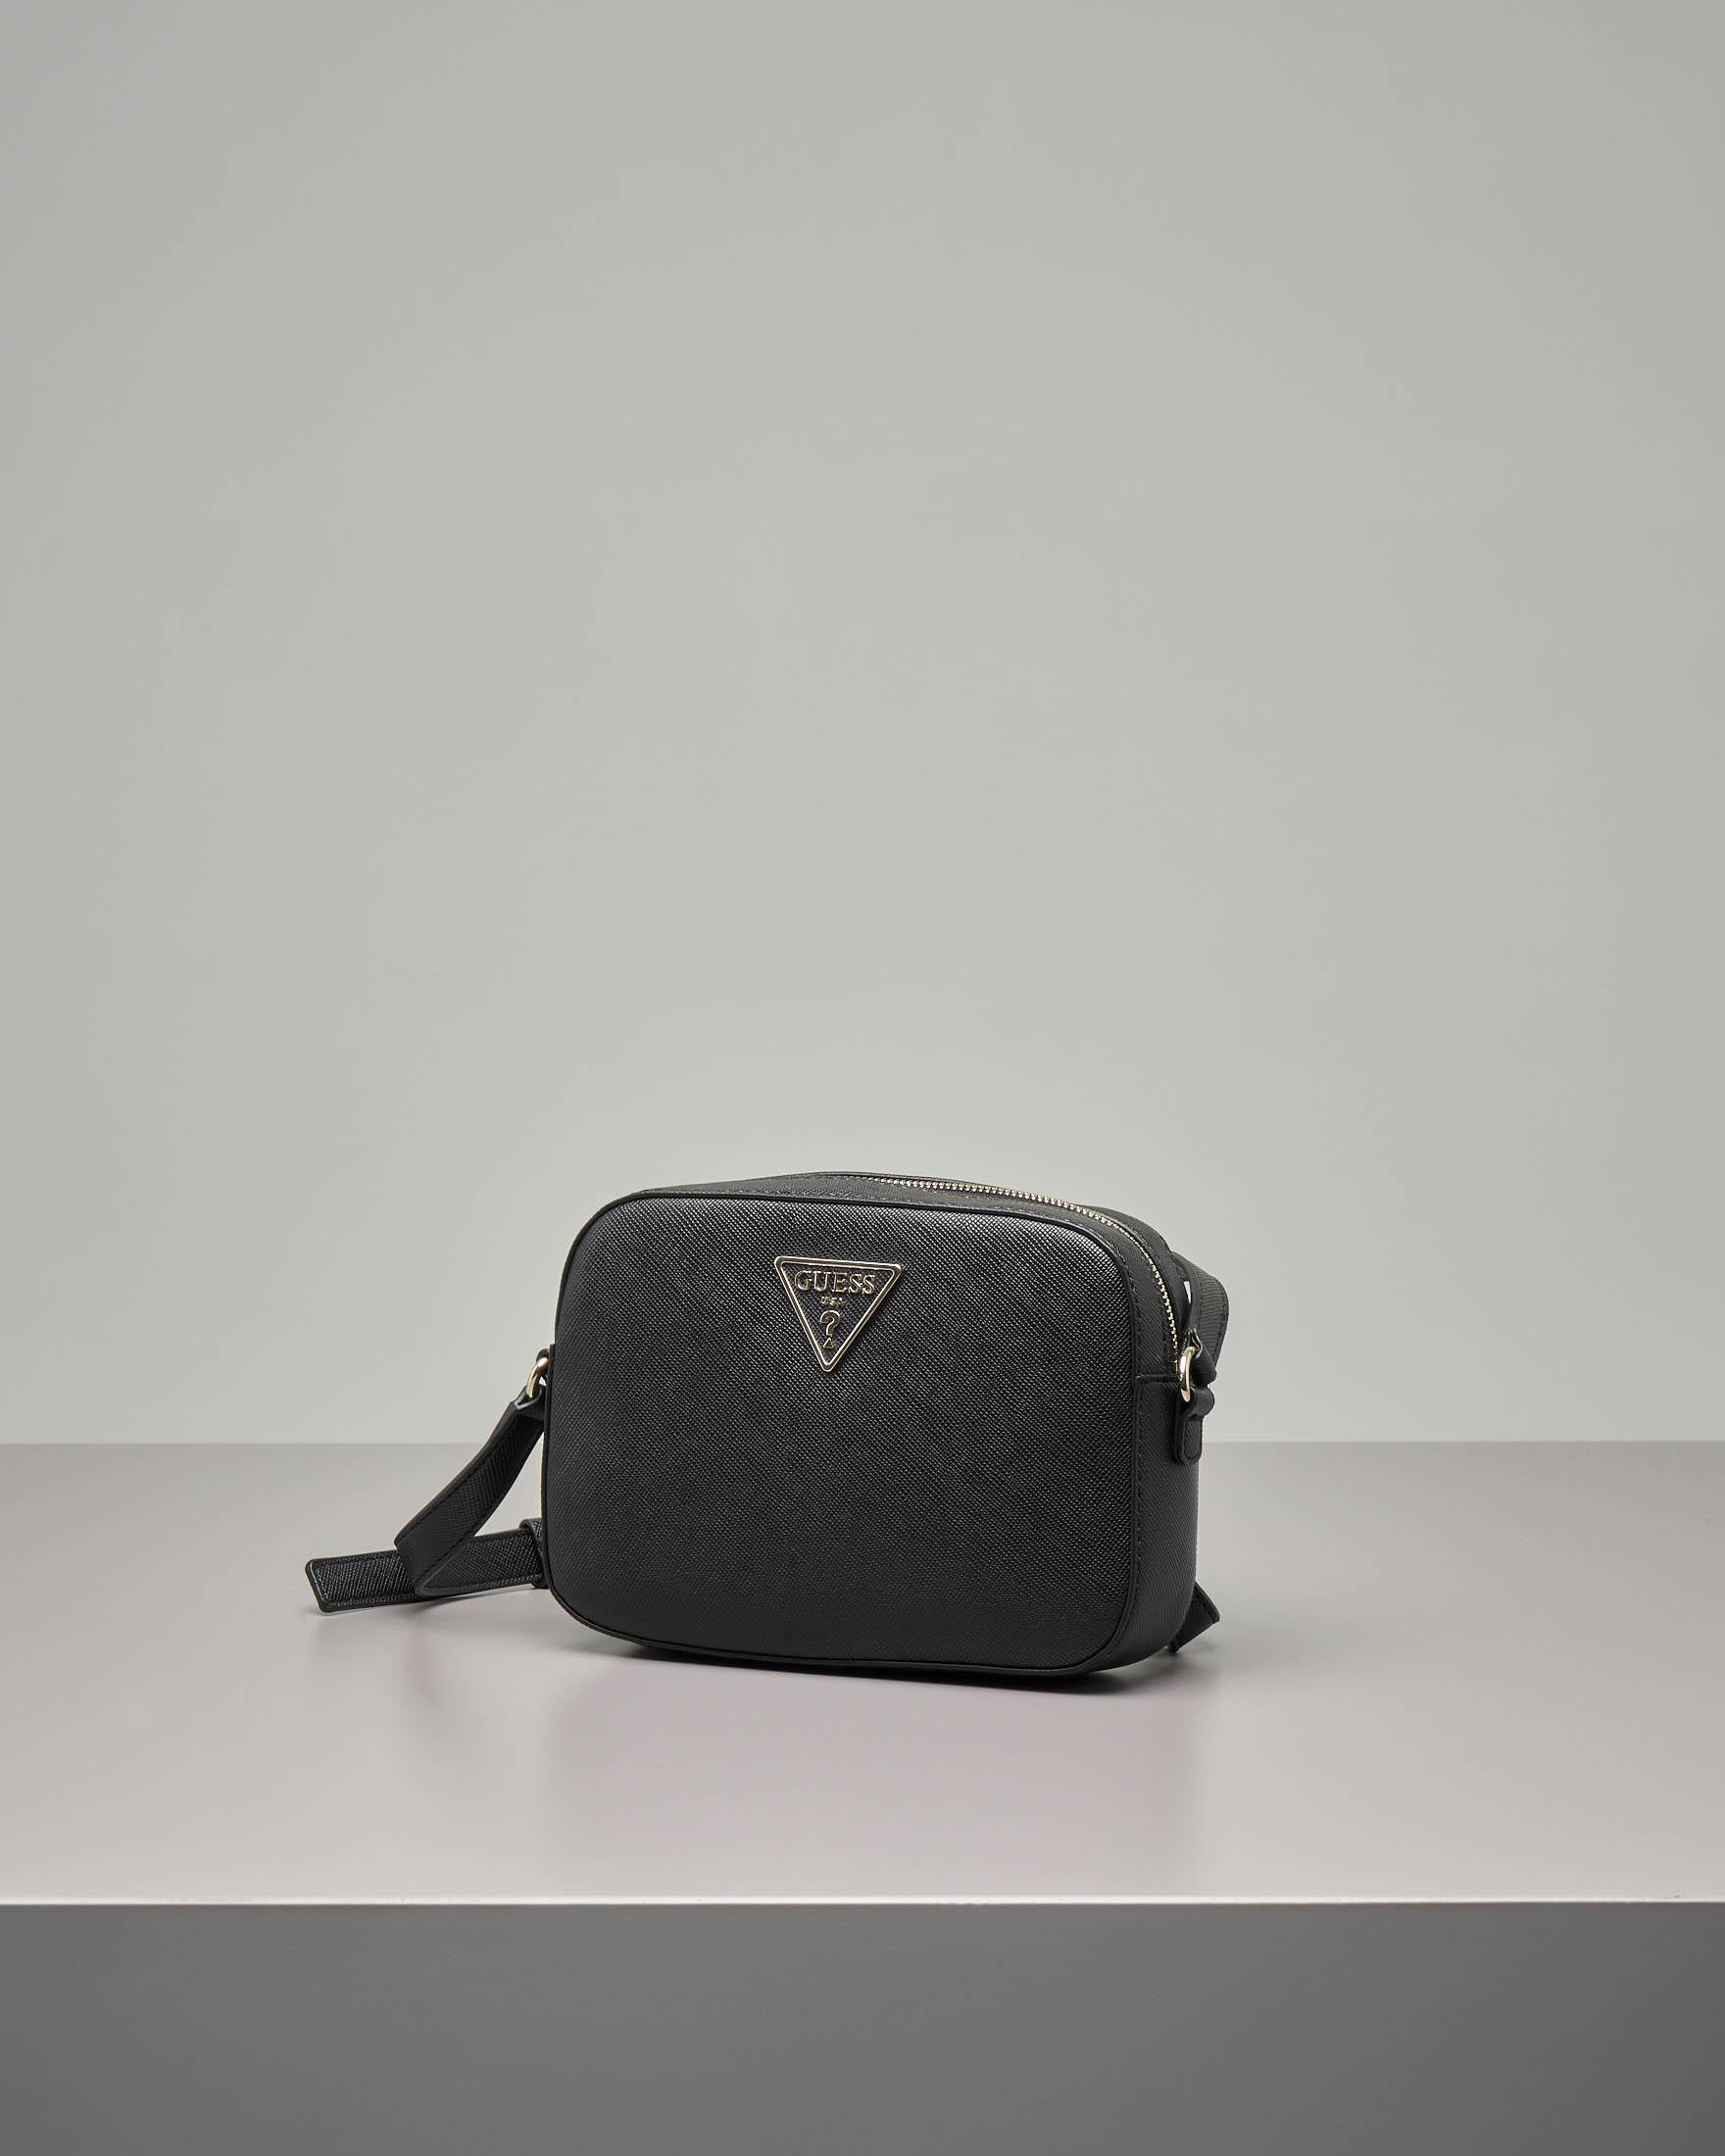 Cross bag piccola nera in ecopelle effetto saffiano